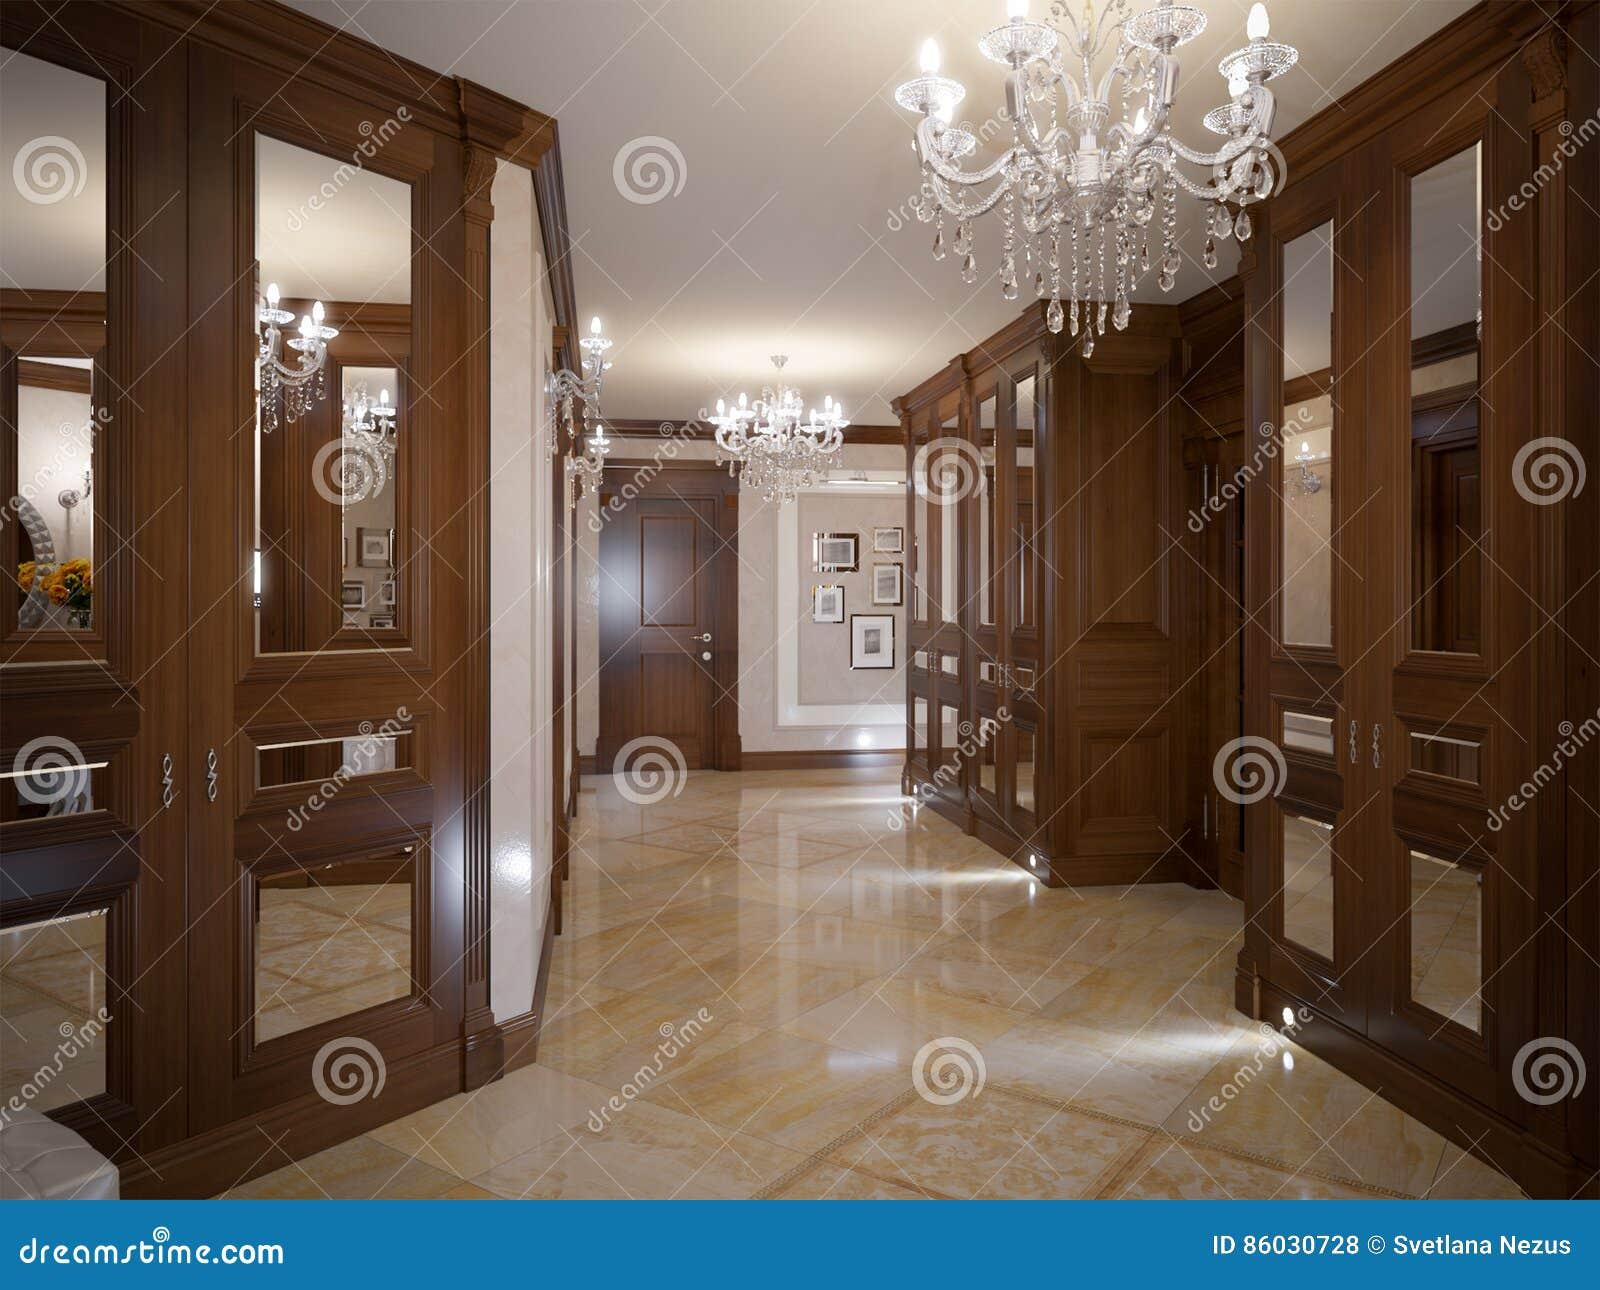 f67ce8c17646 Conception Intérieure élégante De Hall Classique Et Luxueux Photo ...